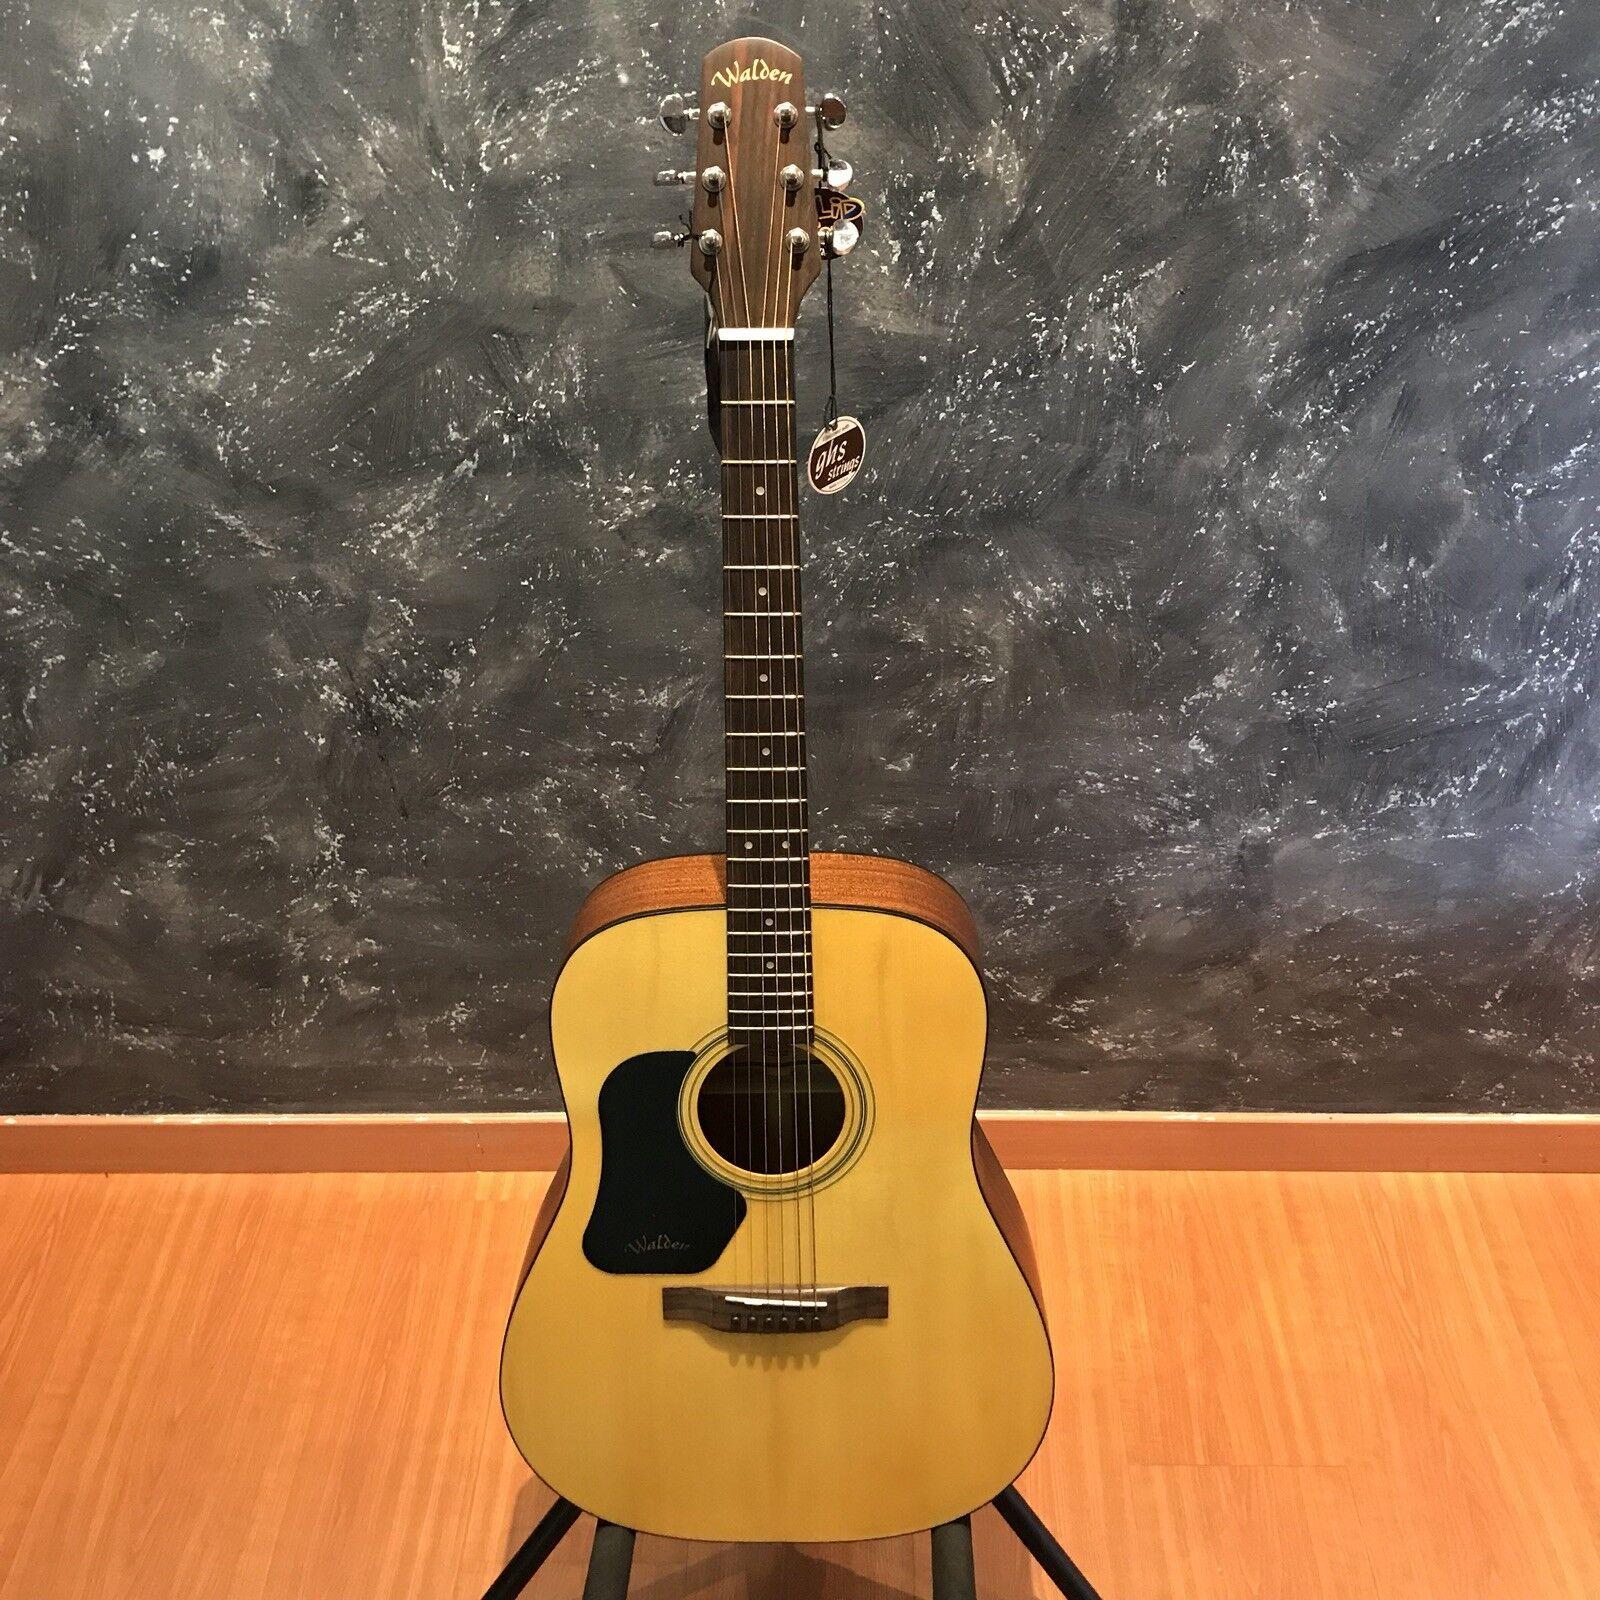 Walden D320L Left handed Acoustic Guitar